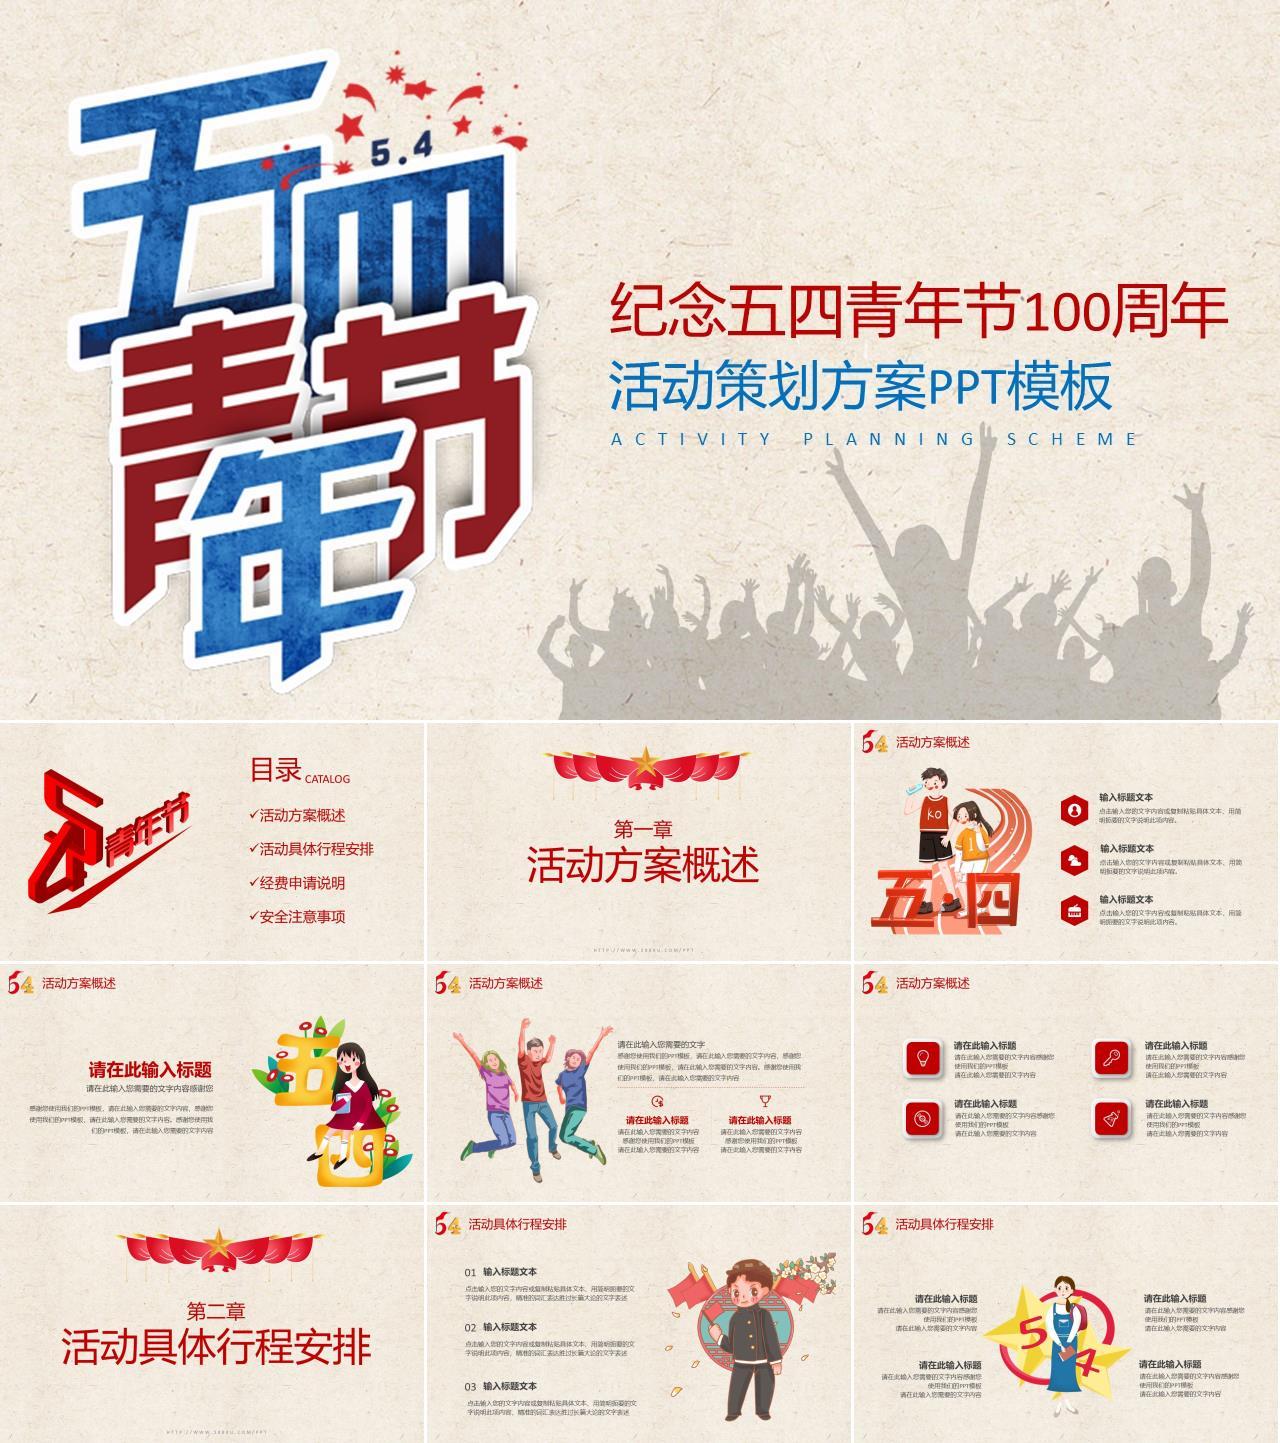 复古五四青年节活动策划PPT模板